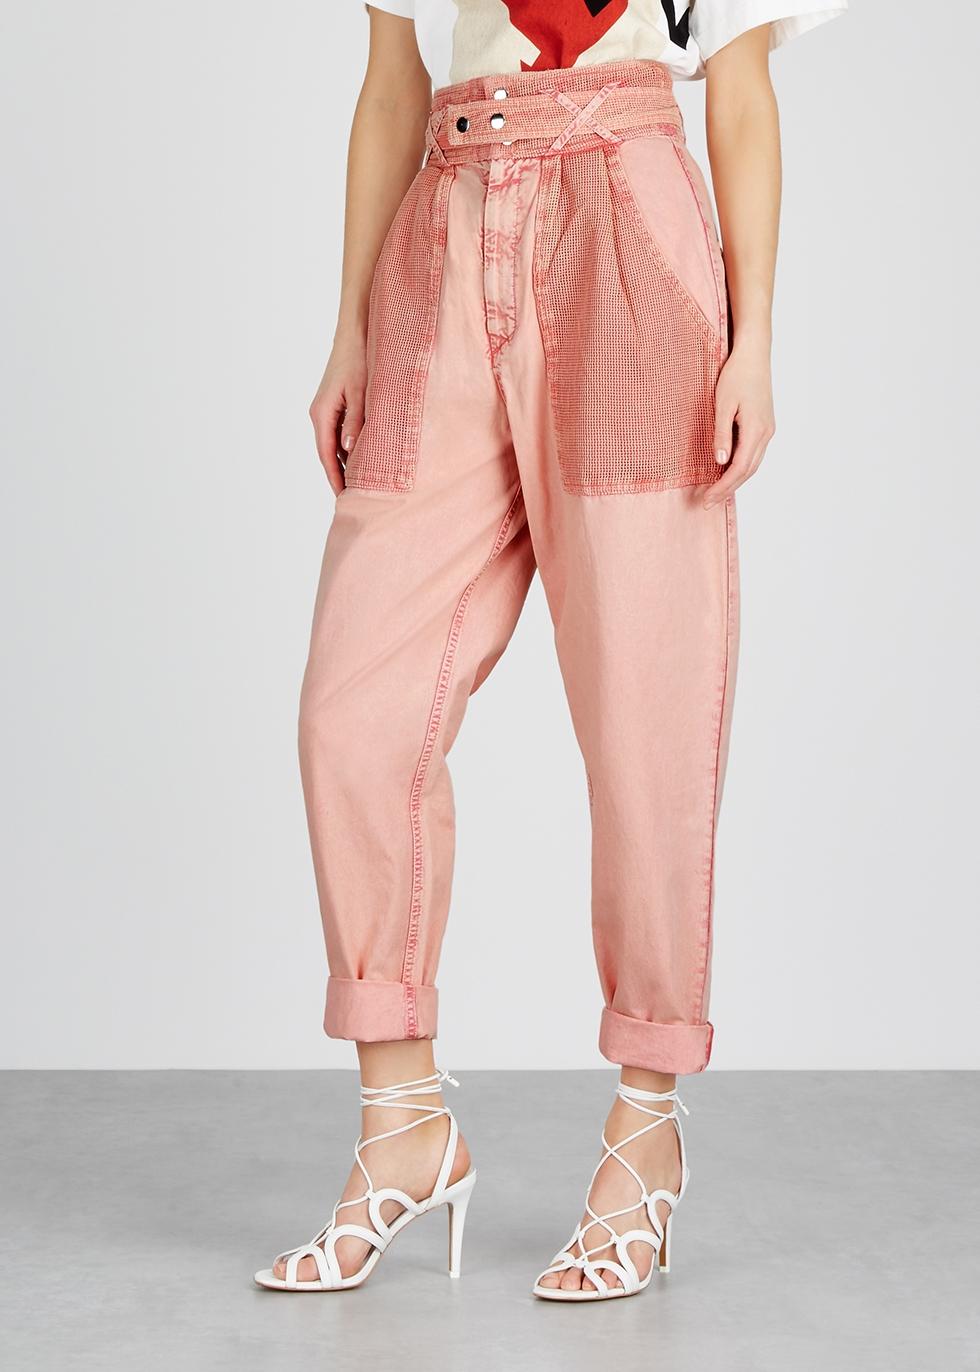 Turner pink tapered jeans - Isabel Marant